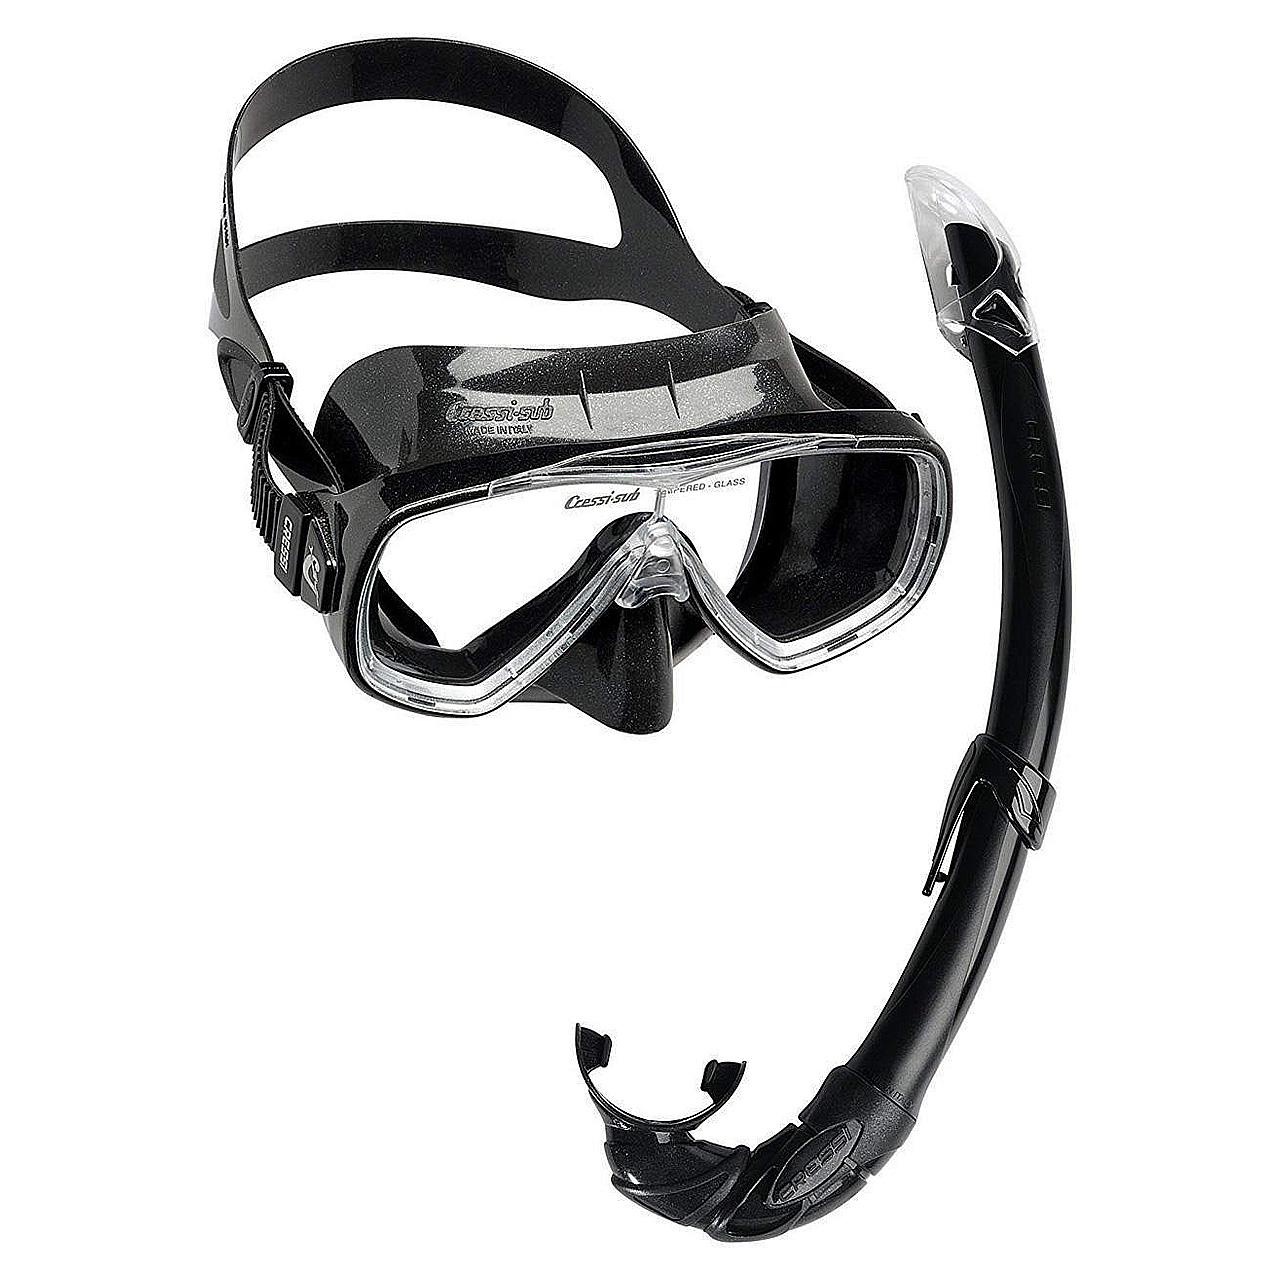 ماسک و اسنورکل کرسی مدل  Onda Mare